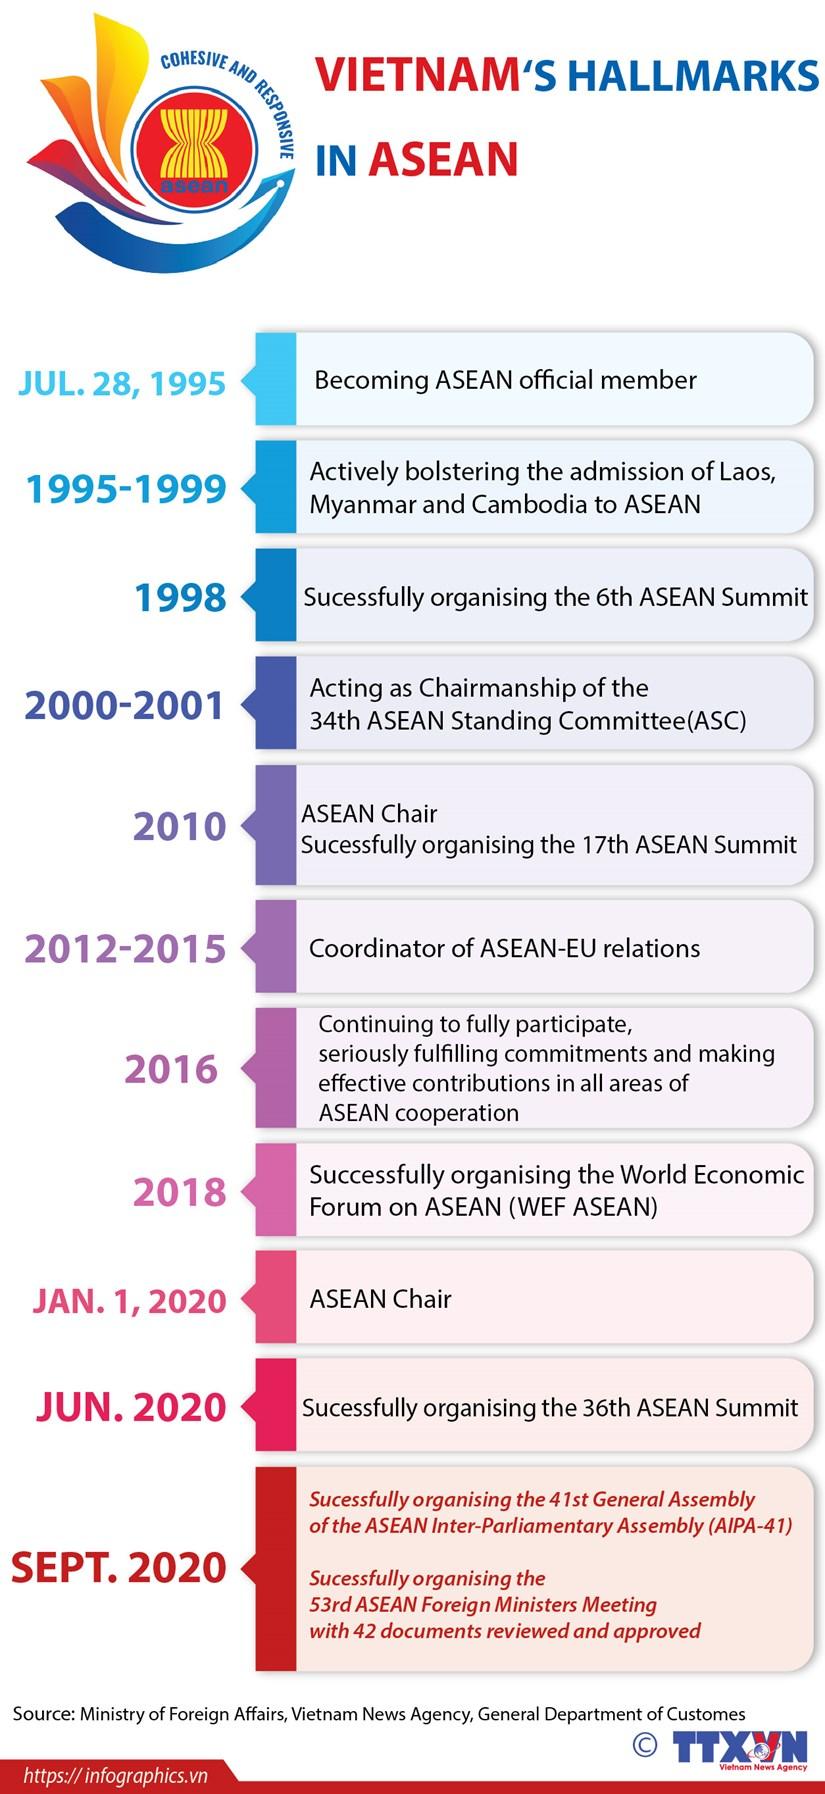 Vietnam's hallmarks in ASEAN hinh anh 1